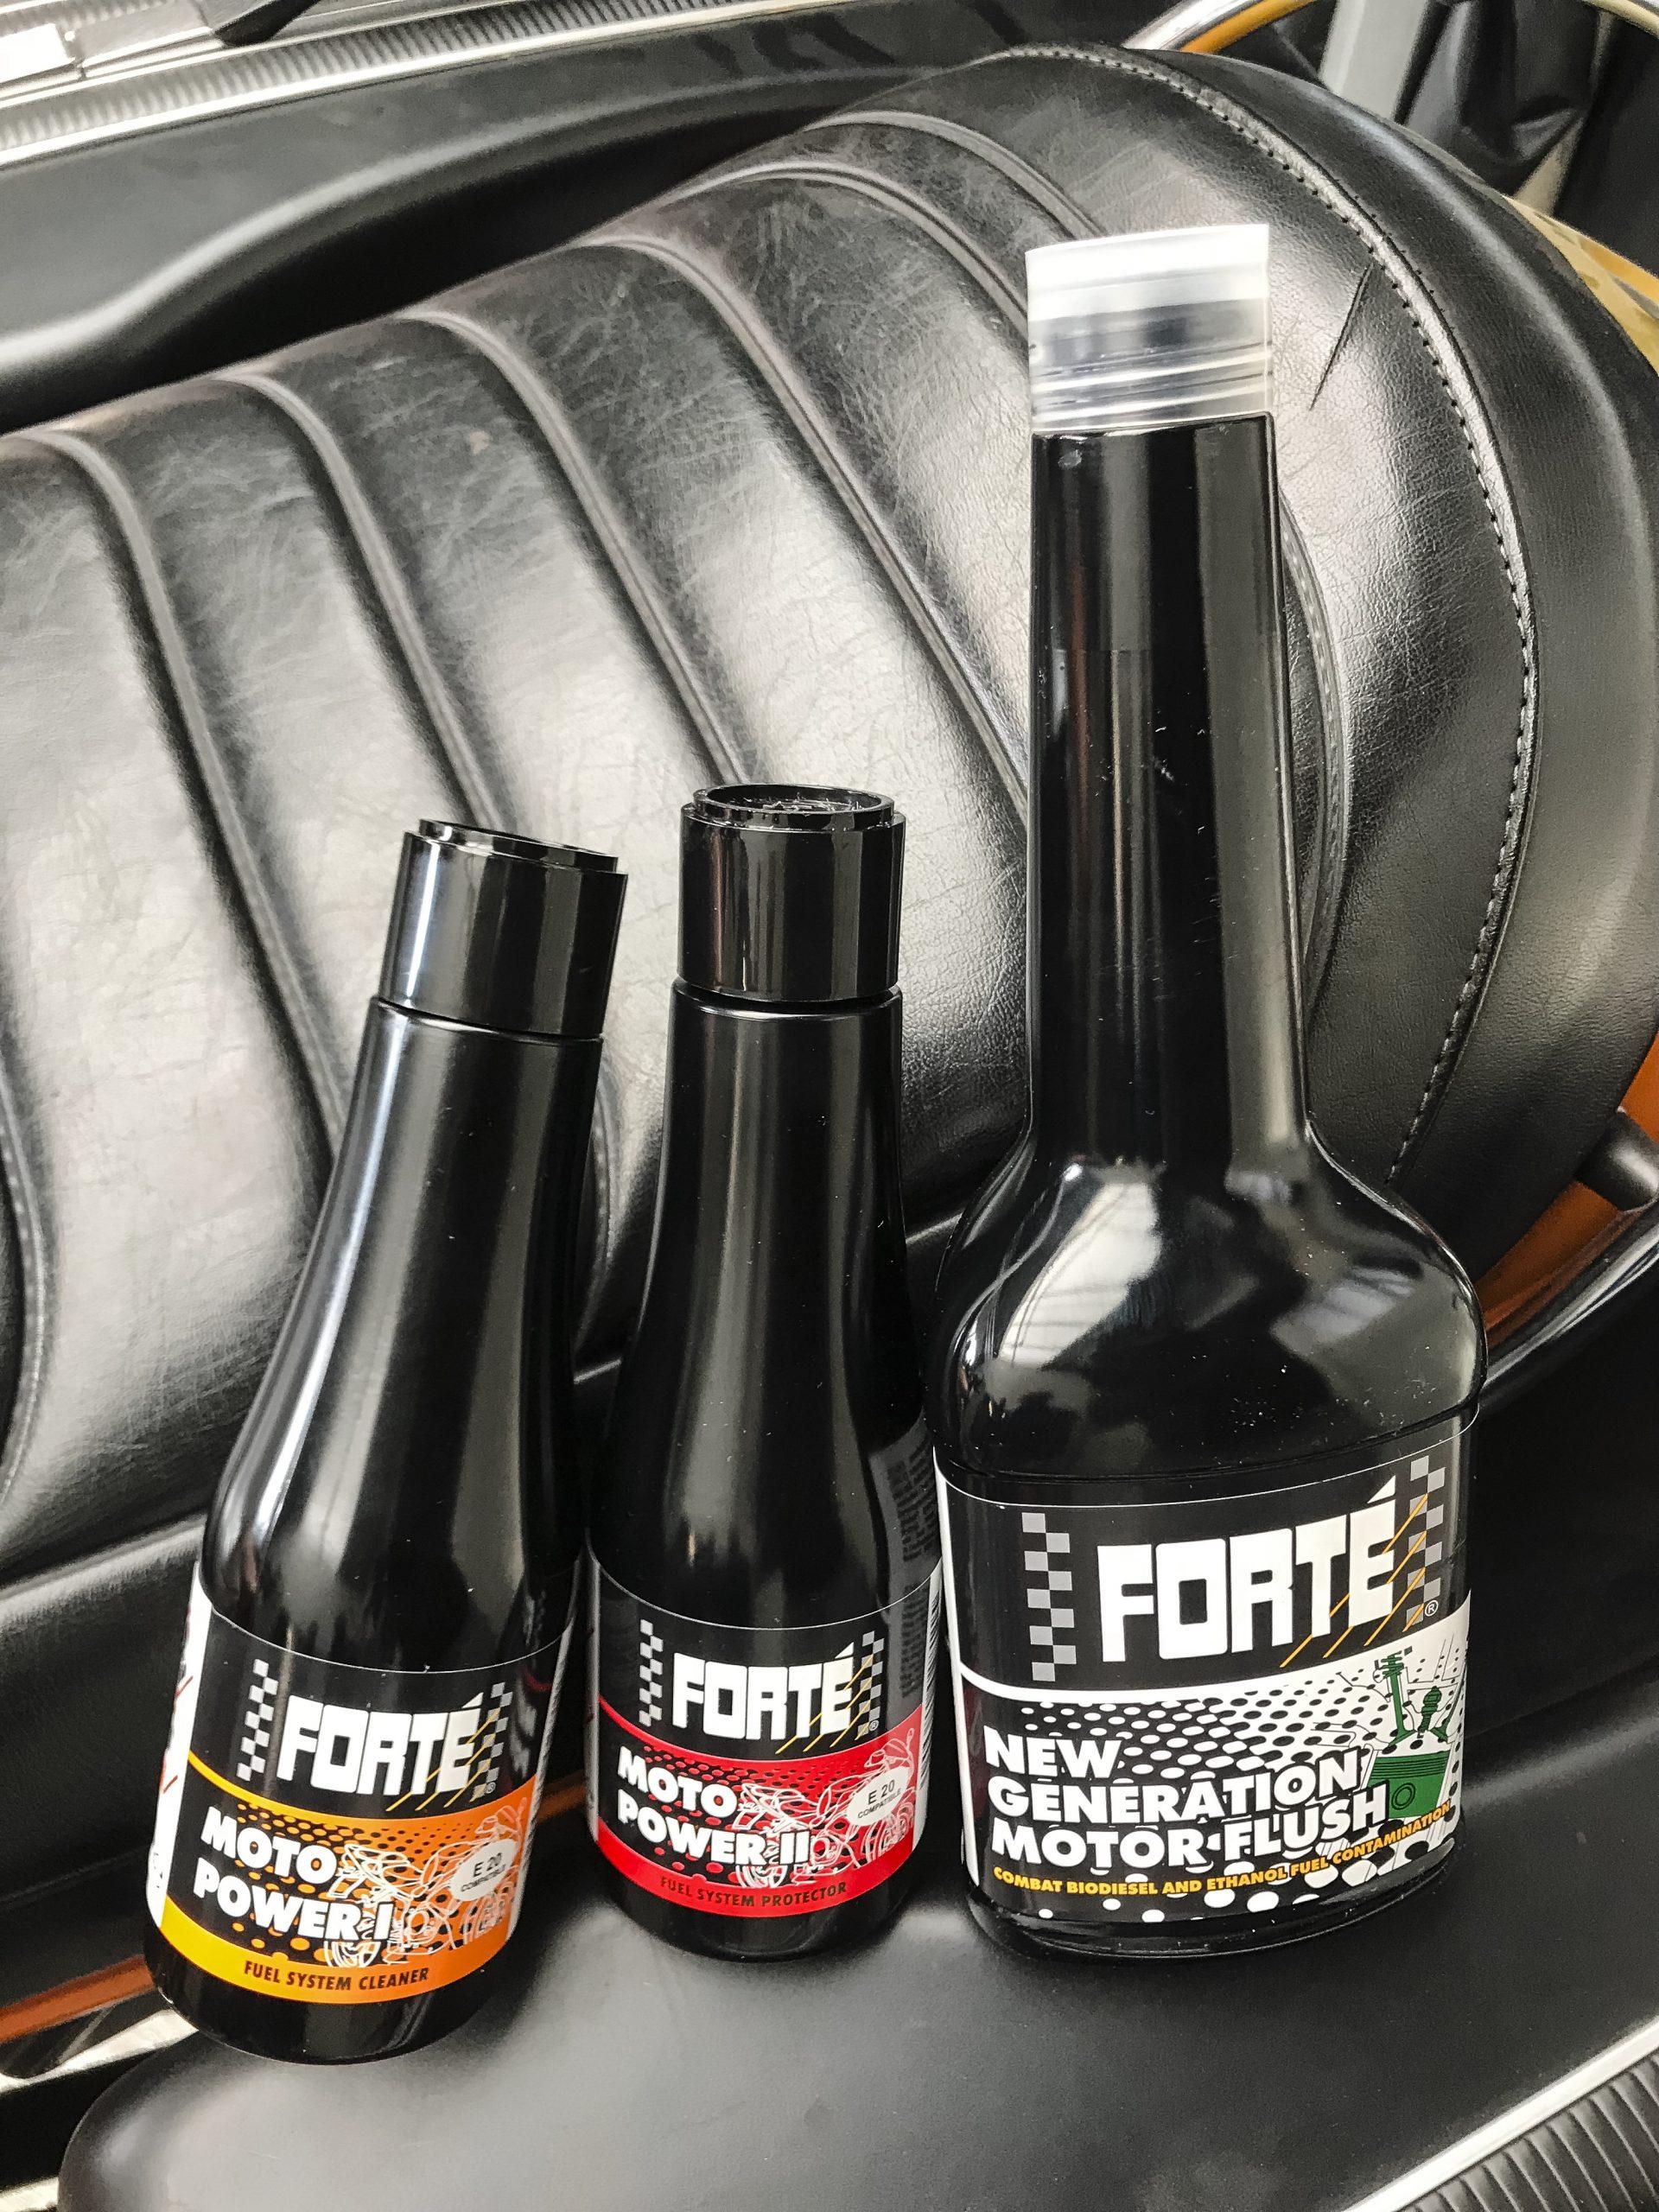 Forté Moto Power